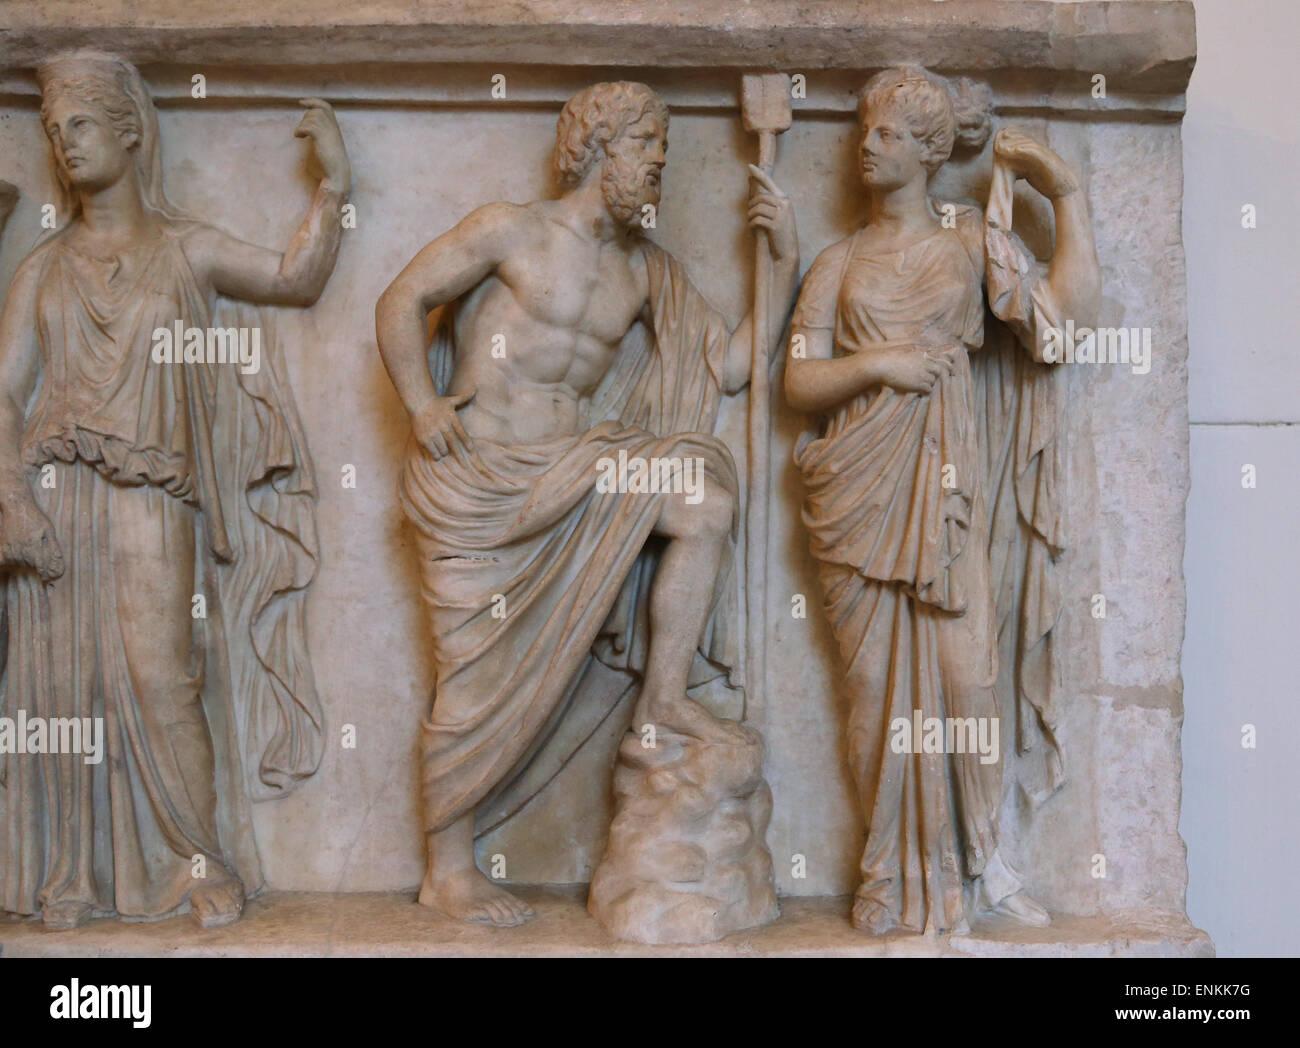 Roman Art Stock Photos & Roman Art Stock Images - Alamy